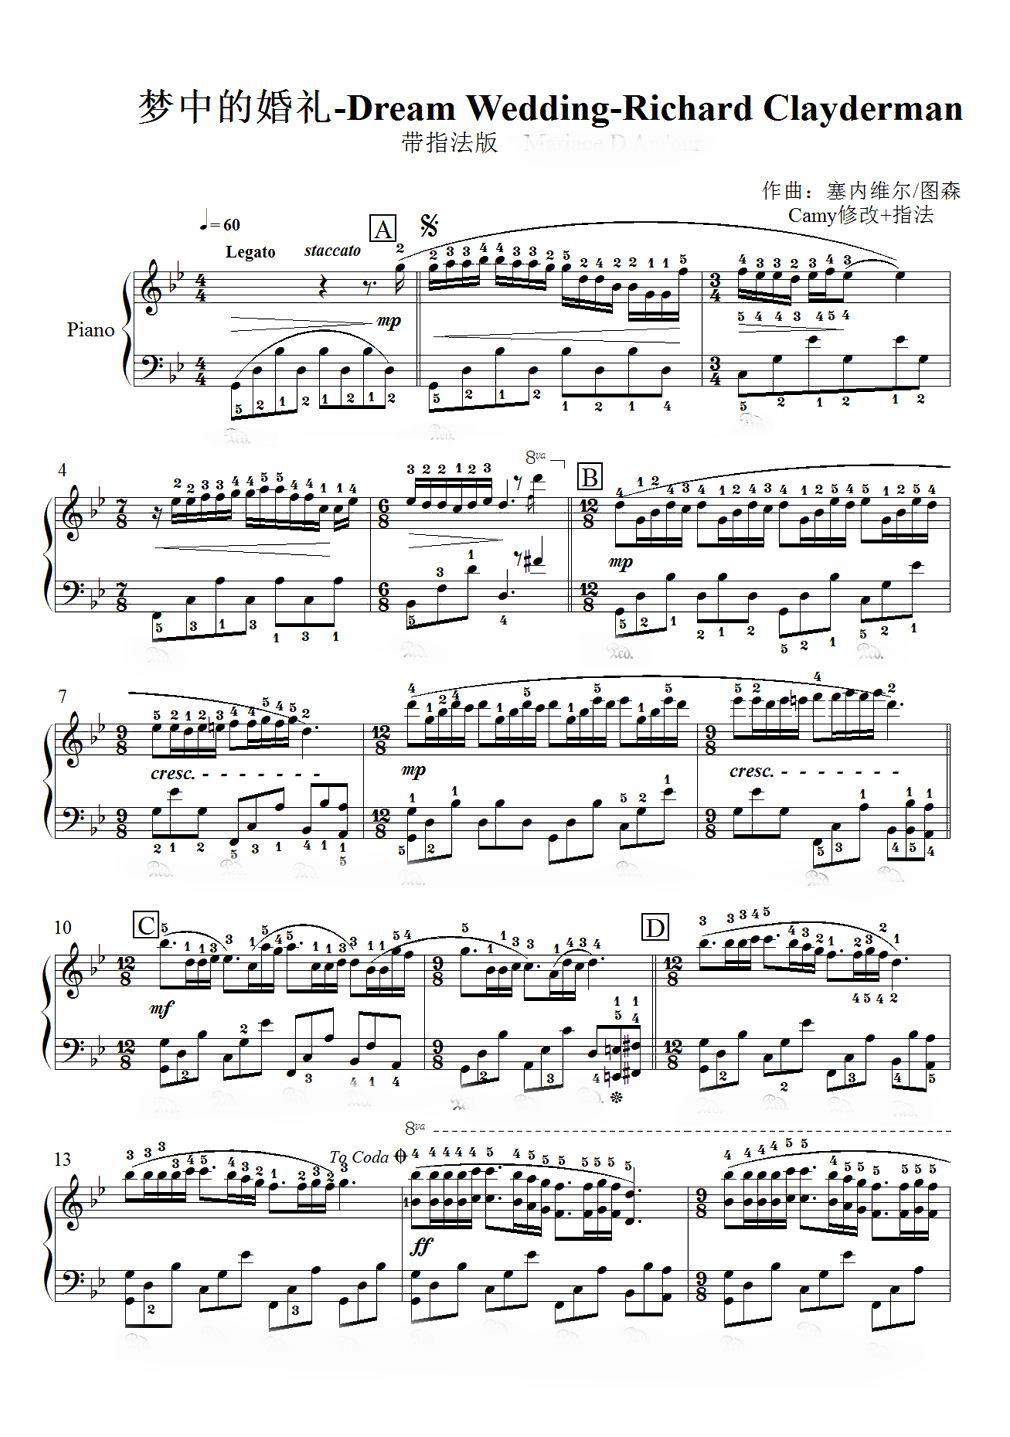 梦中的婚礼 钢琴谱